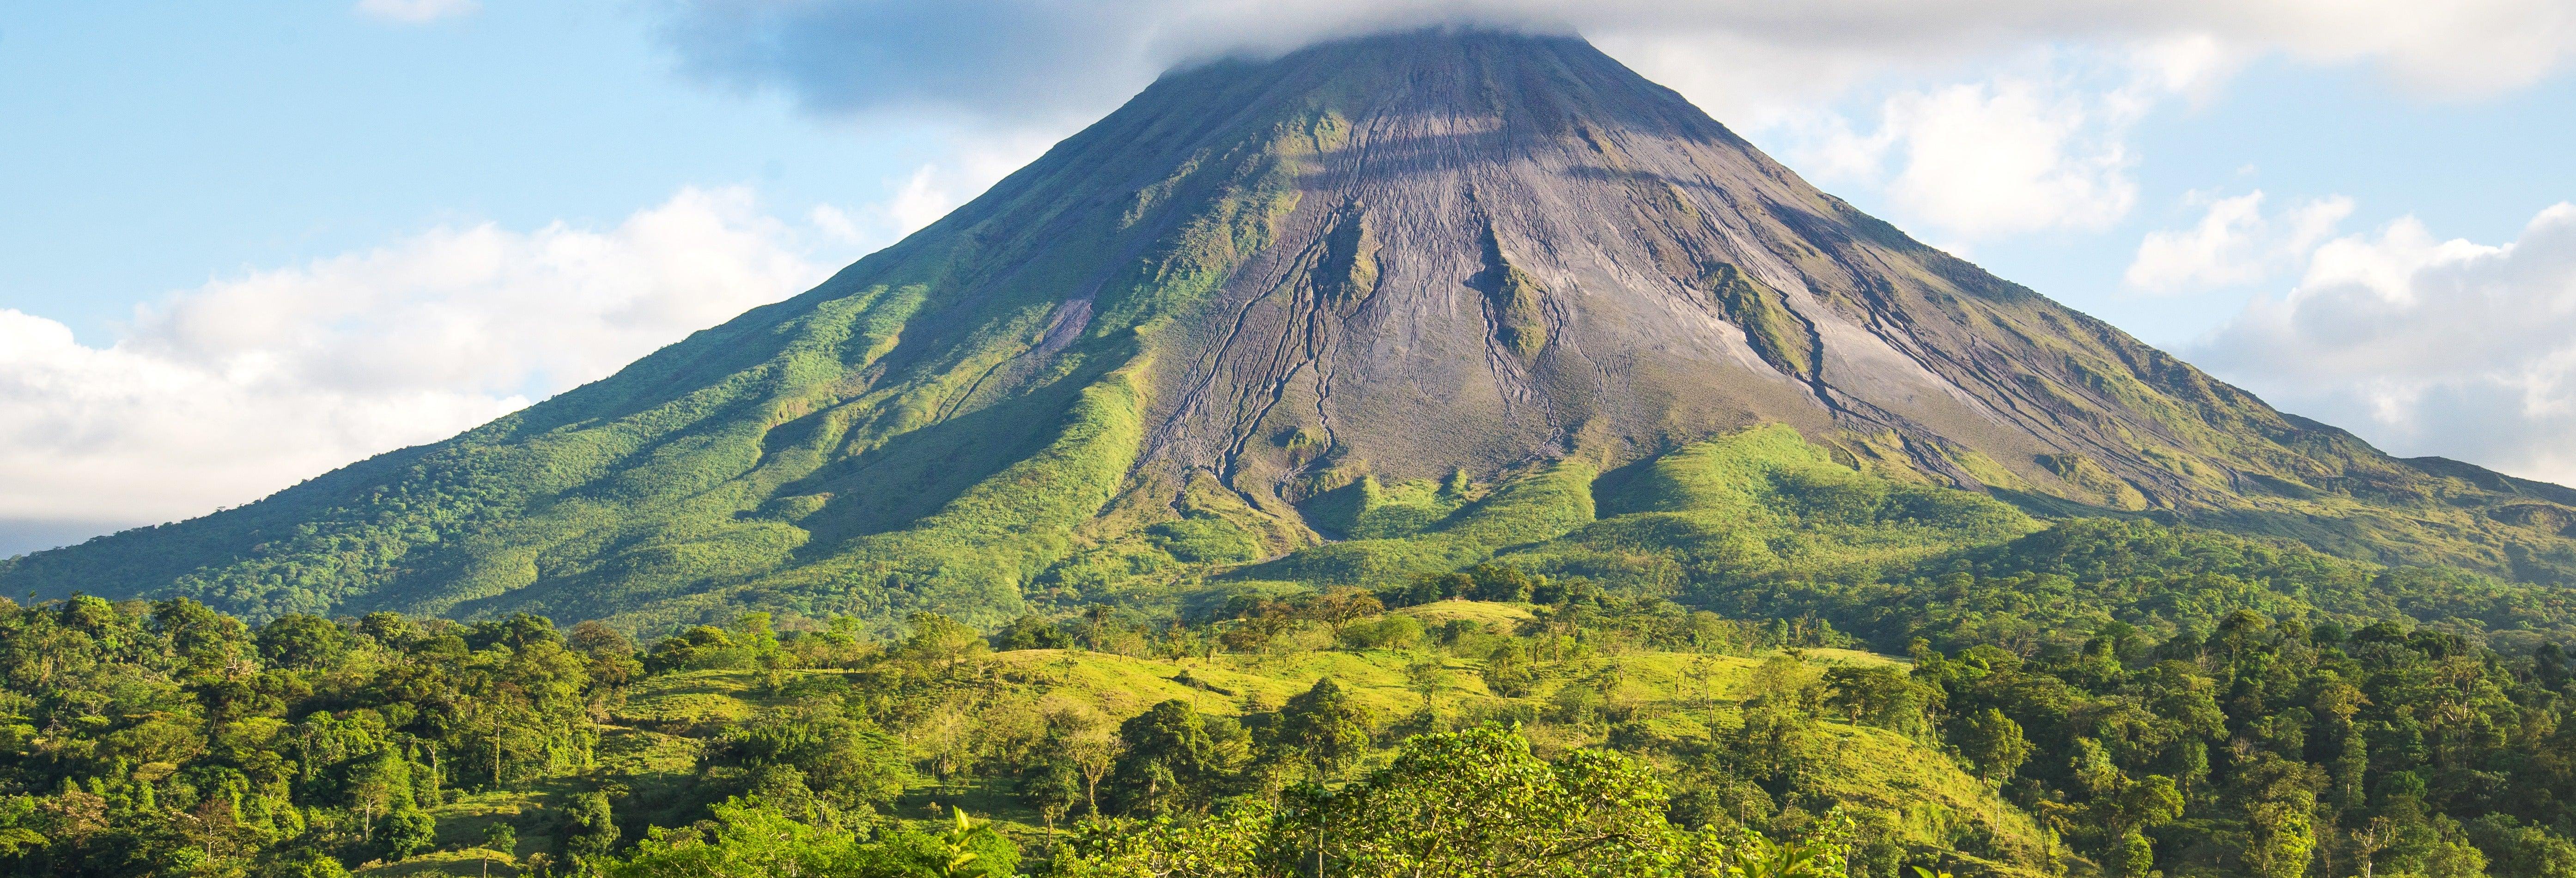 Excursión al volcán Arenal + Aguas termales